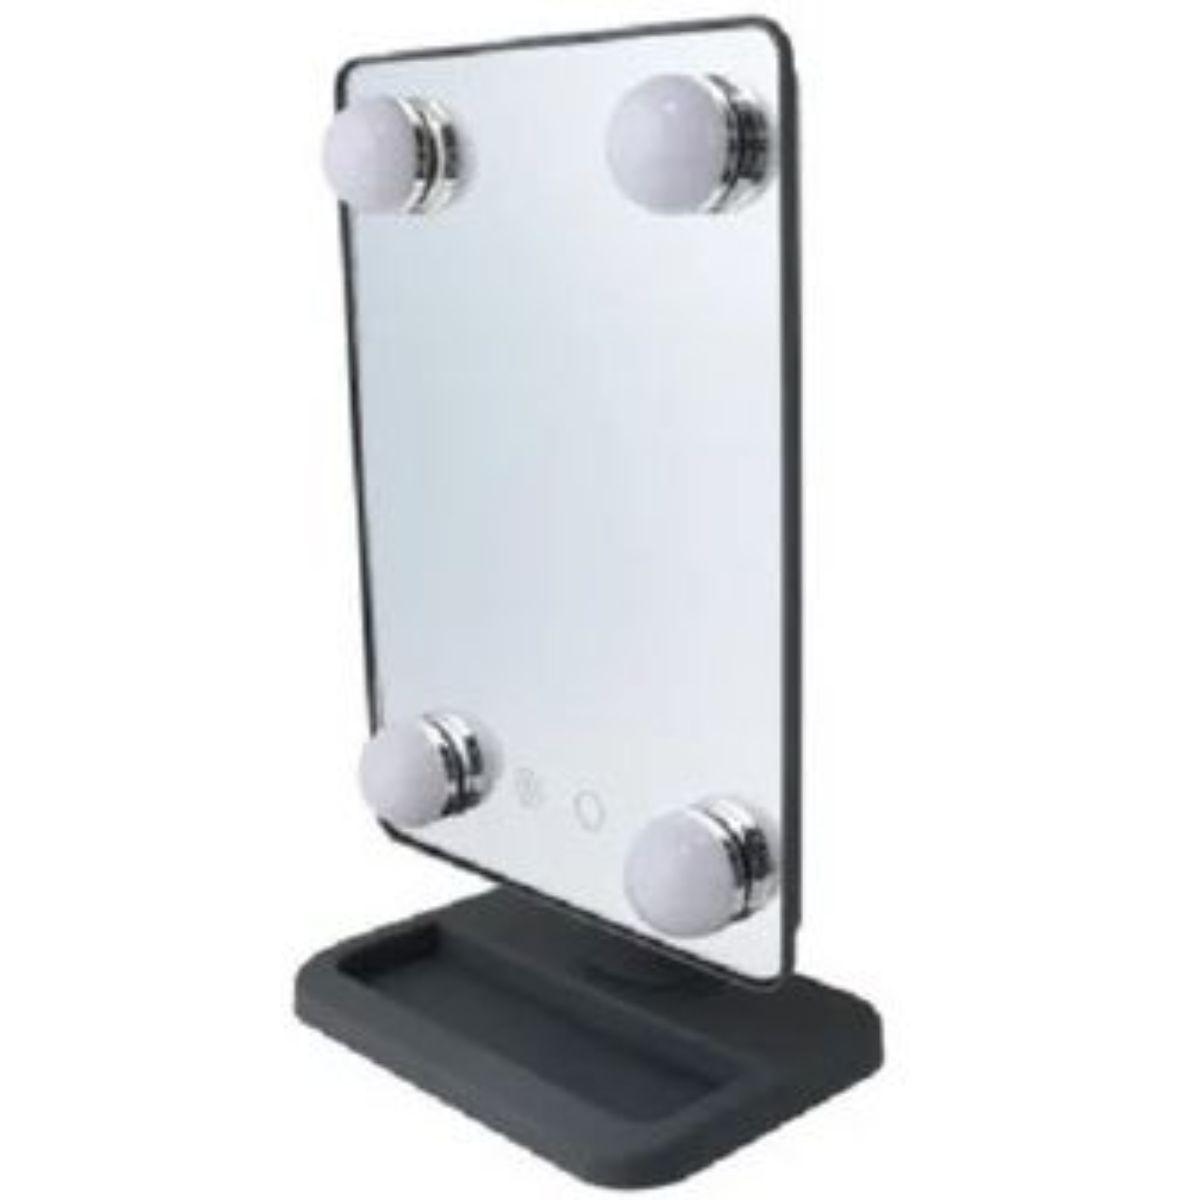 espejo portatil vivitar con luz calida y blanca hollywood 2 1